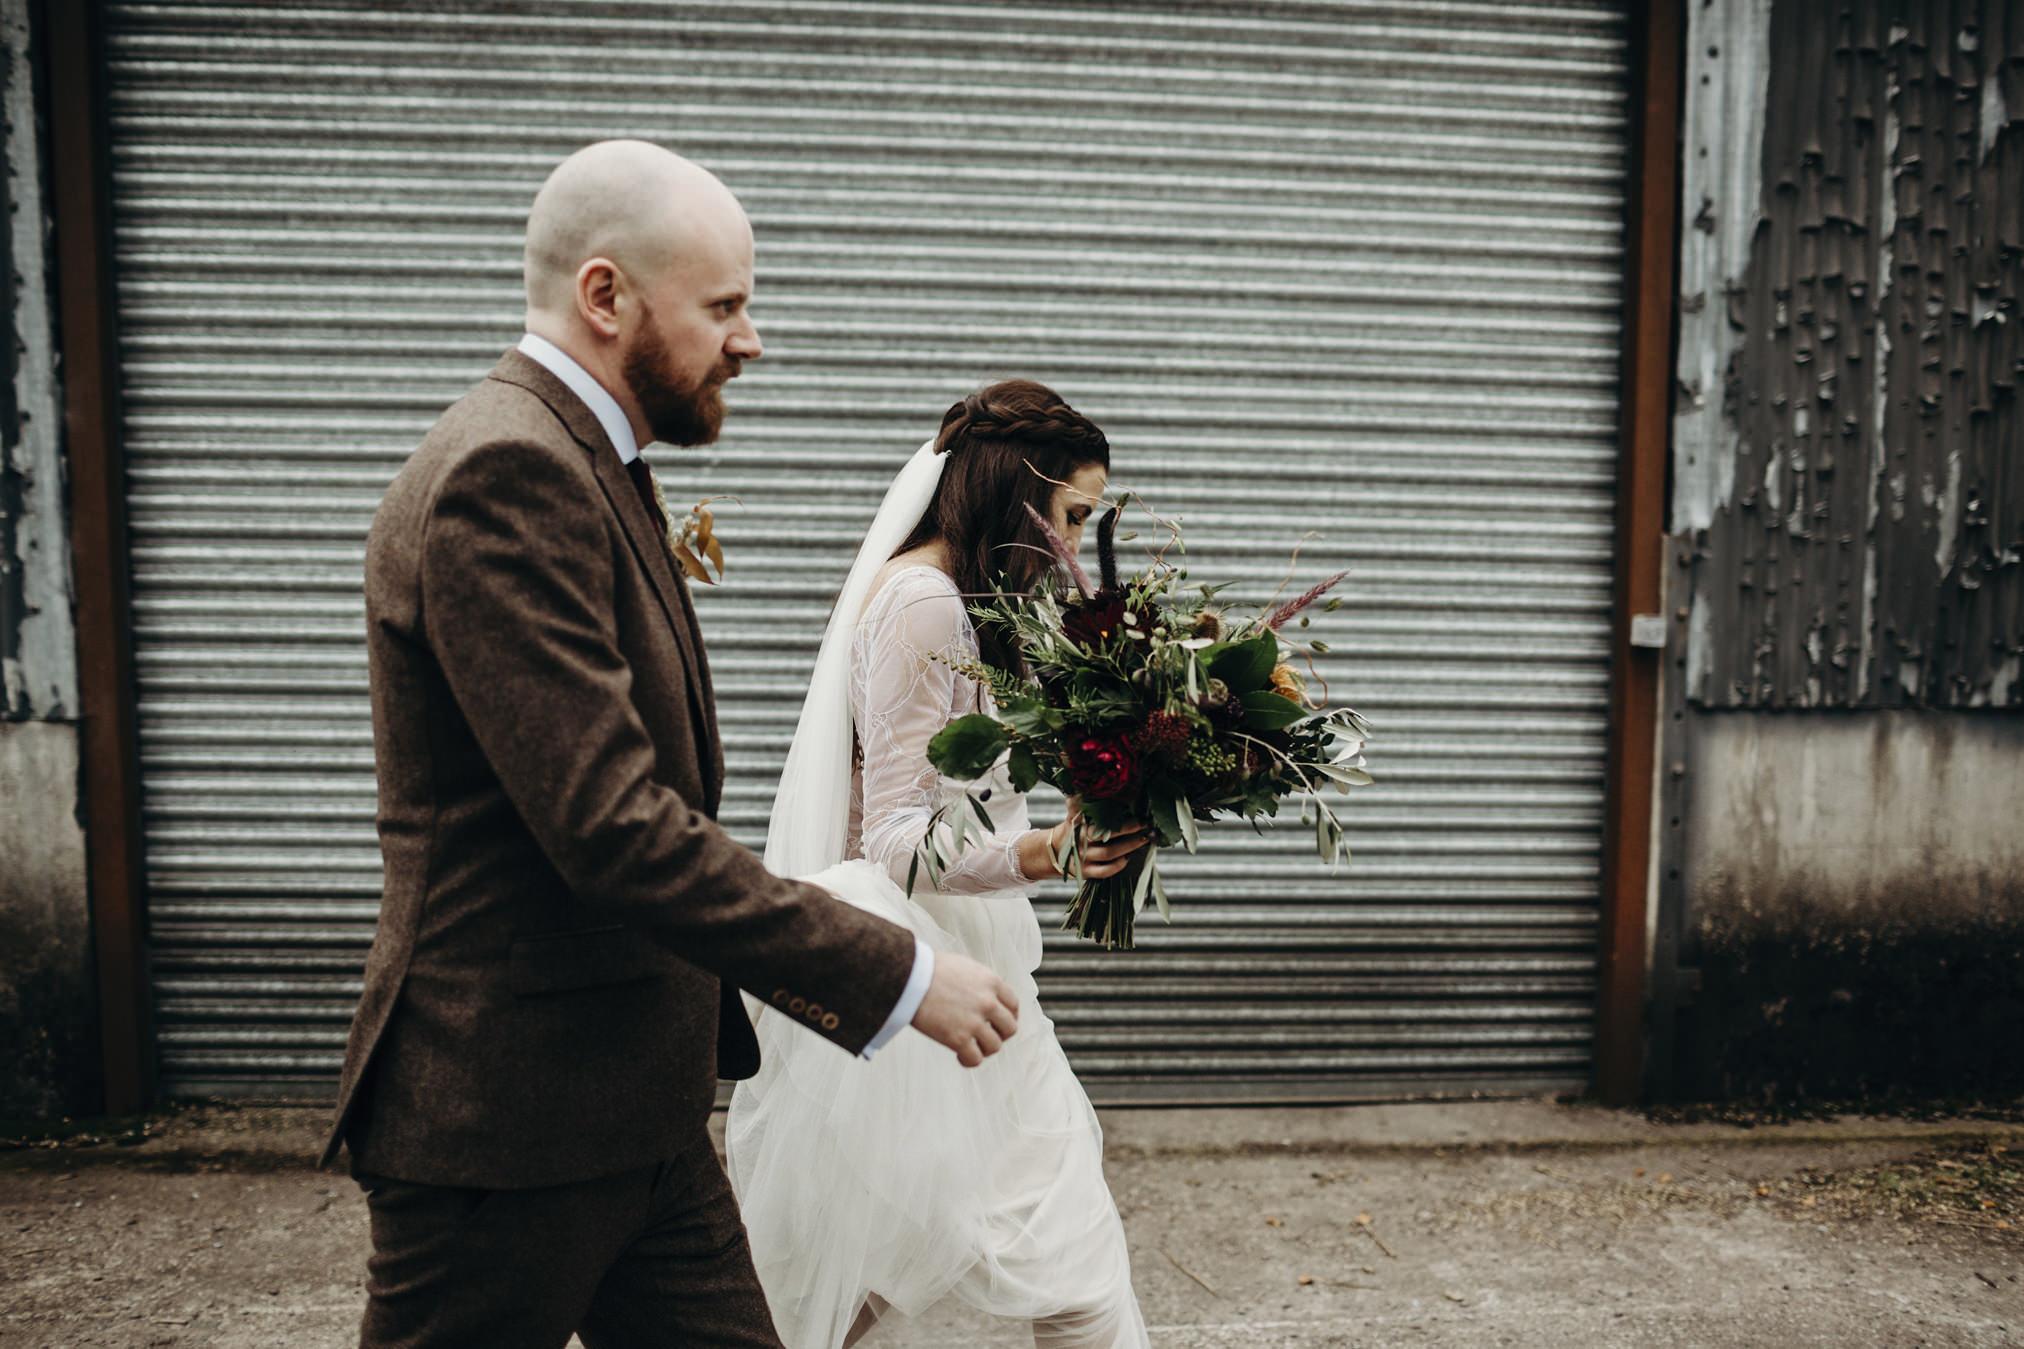 wedding photographer irelandGraciela Vilagudin Photography589.jpg